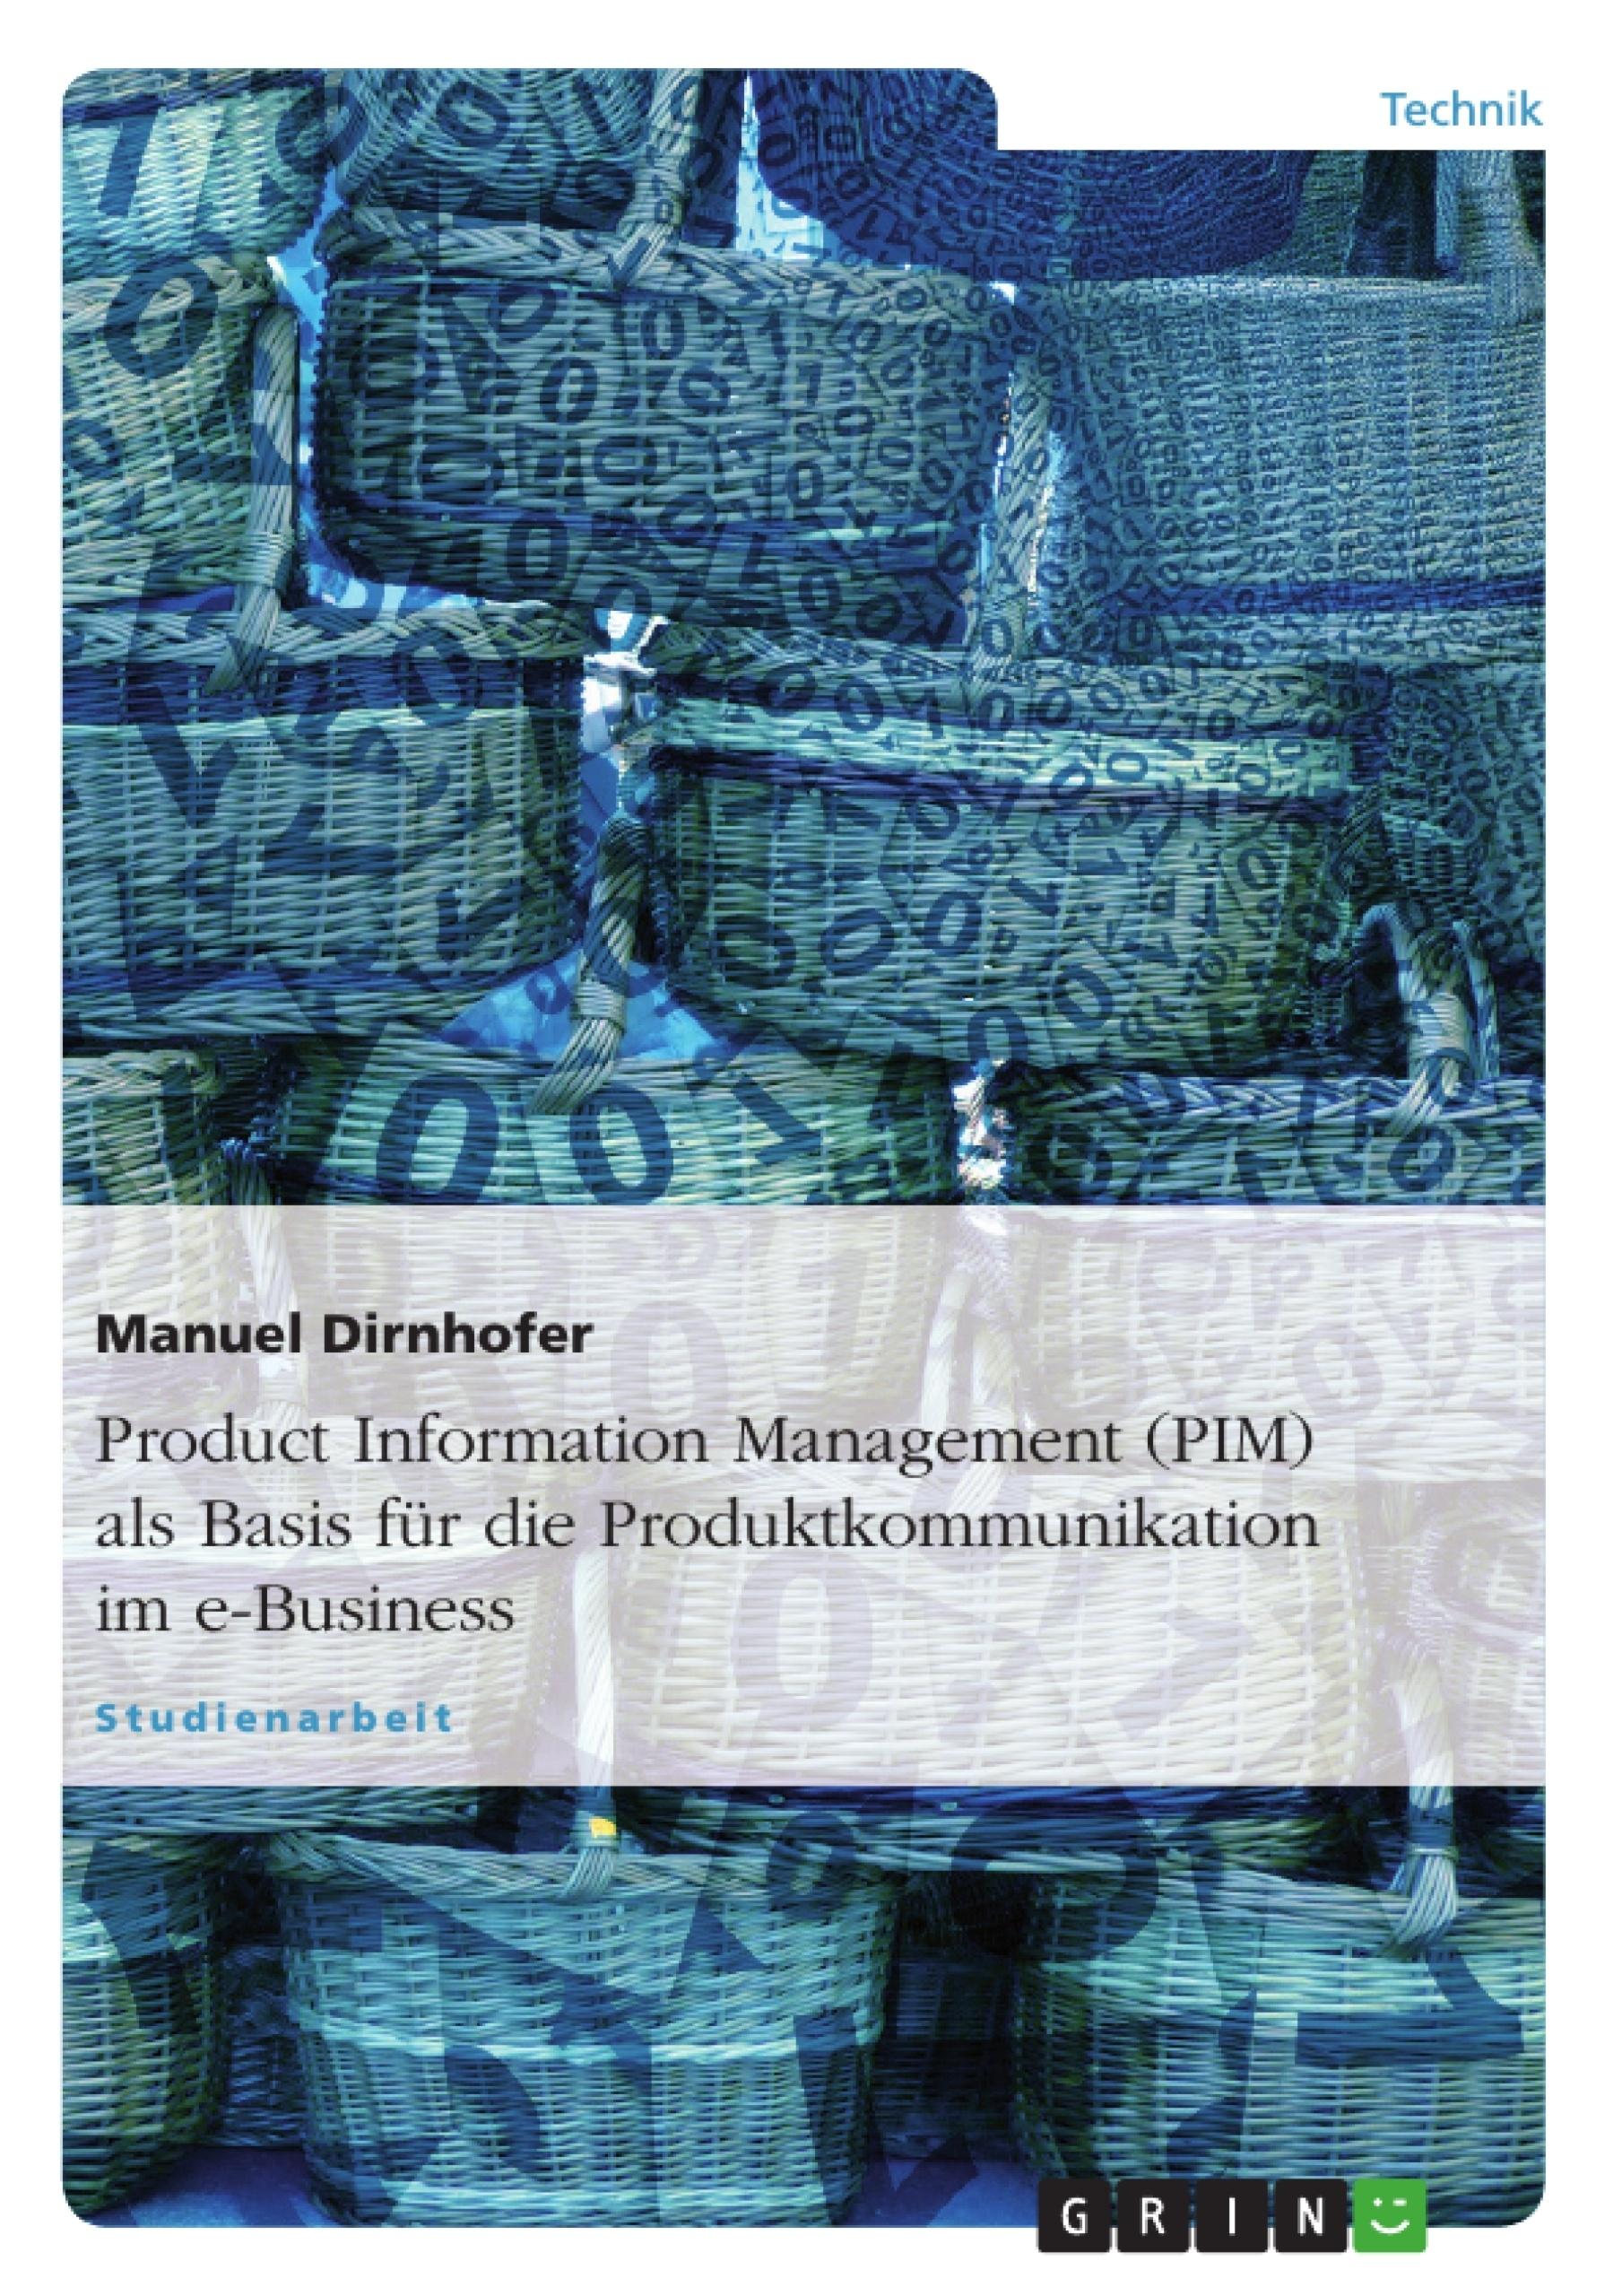 Titel: Product Information Management (PIM) als Basis für die Produktkommunikation im e-Business